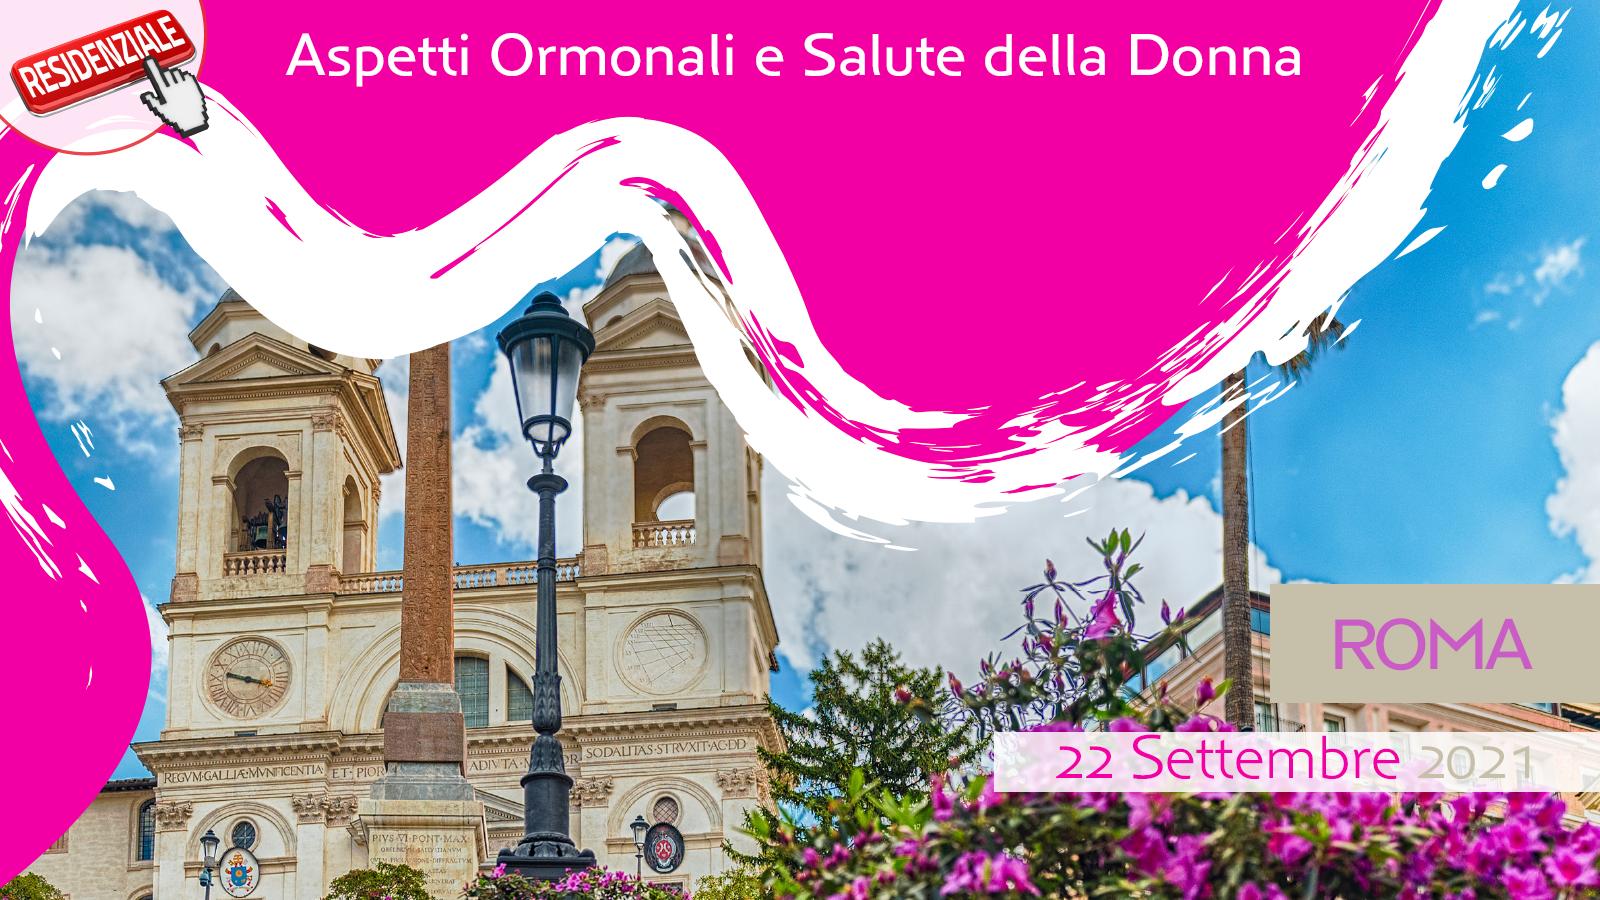 Aspetti Ormonali e Salute della Donna – Roma